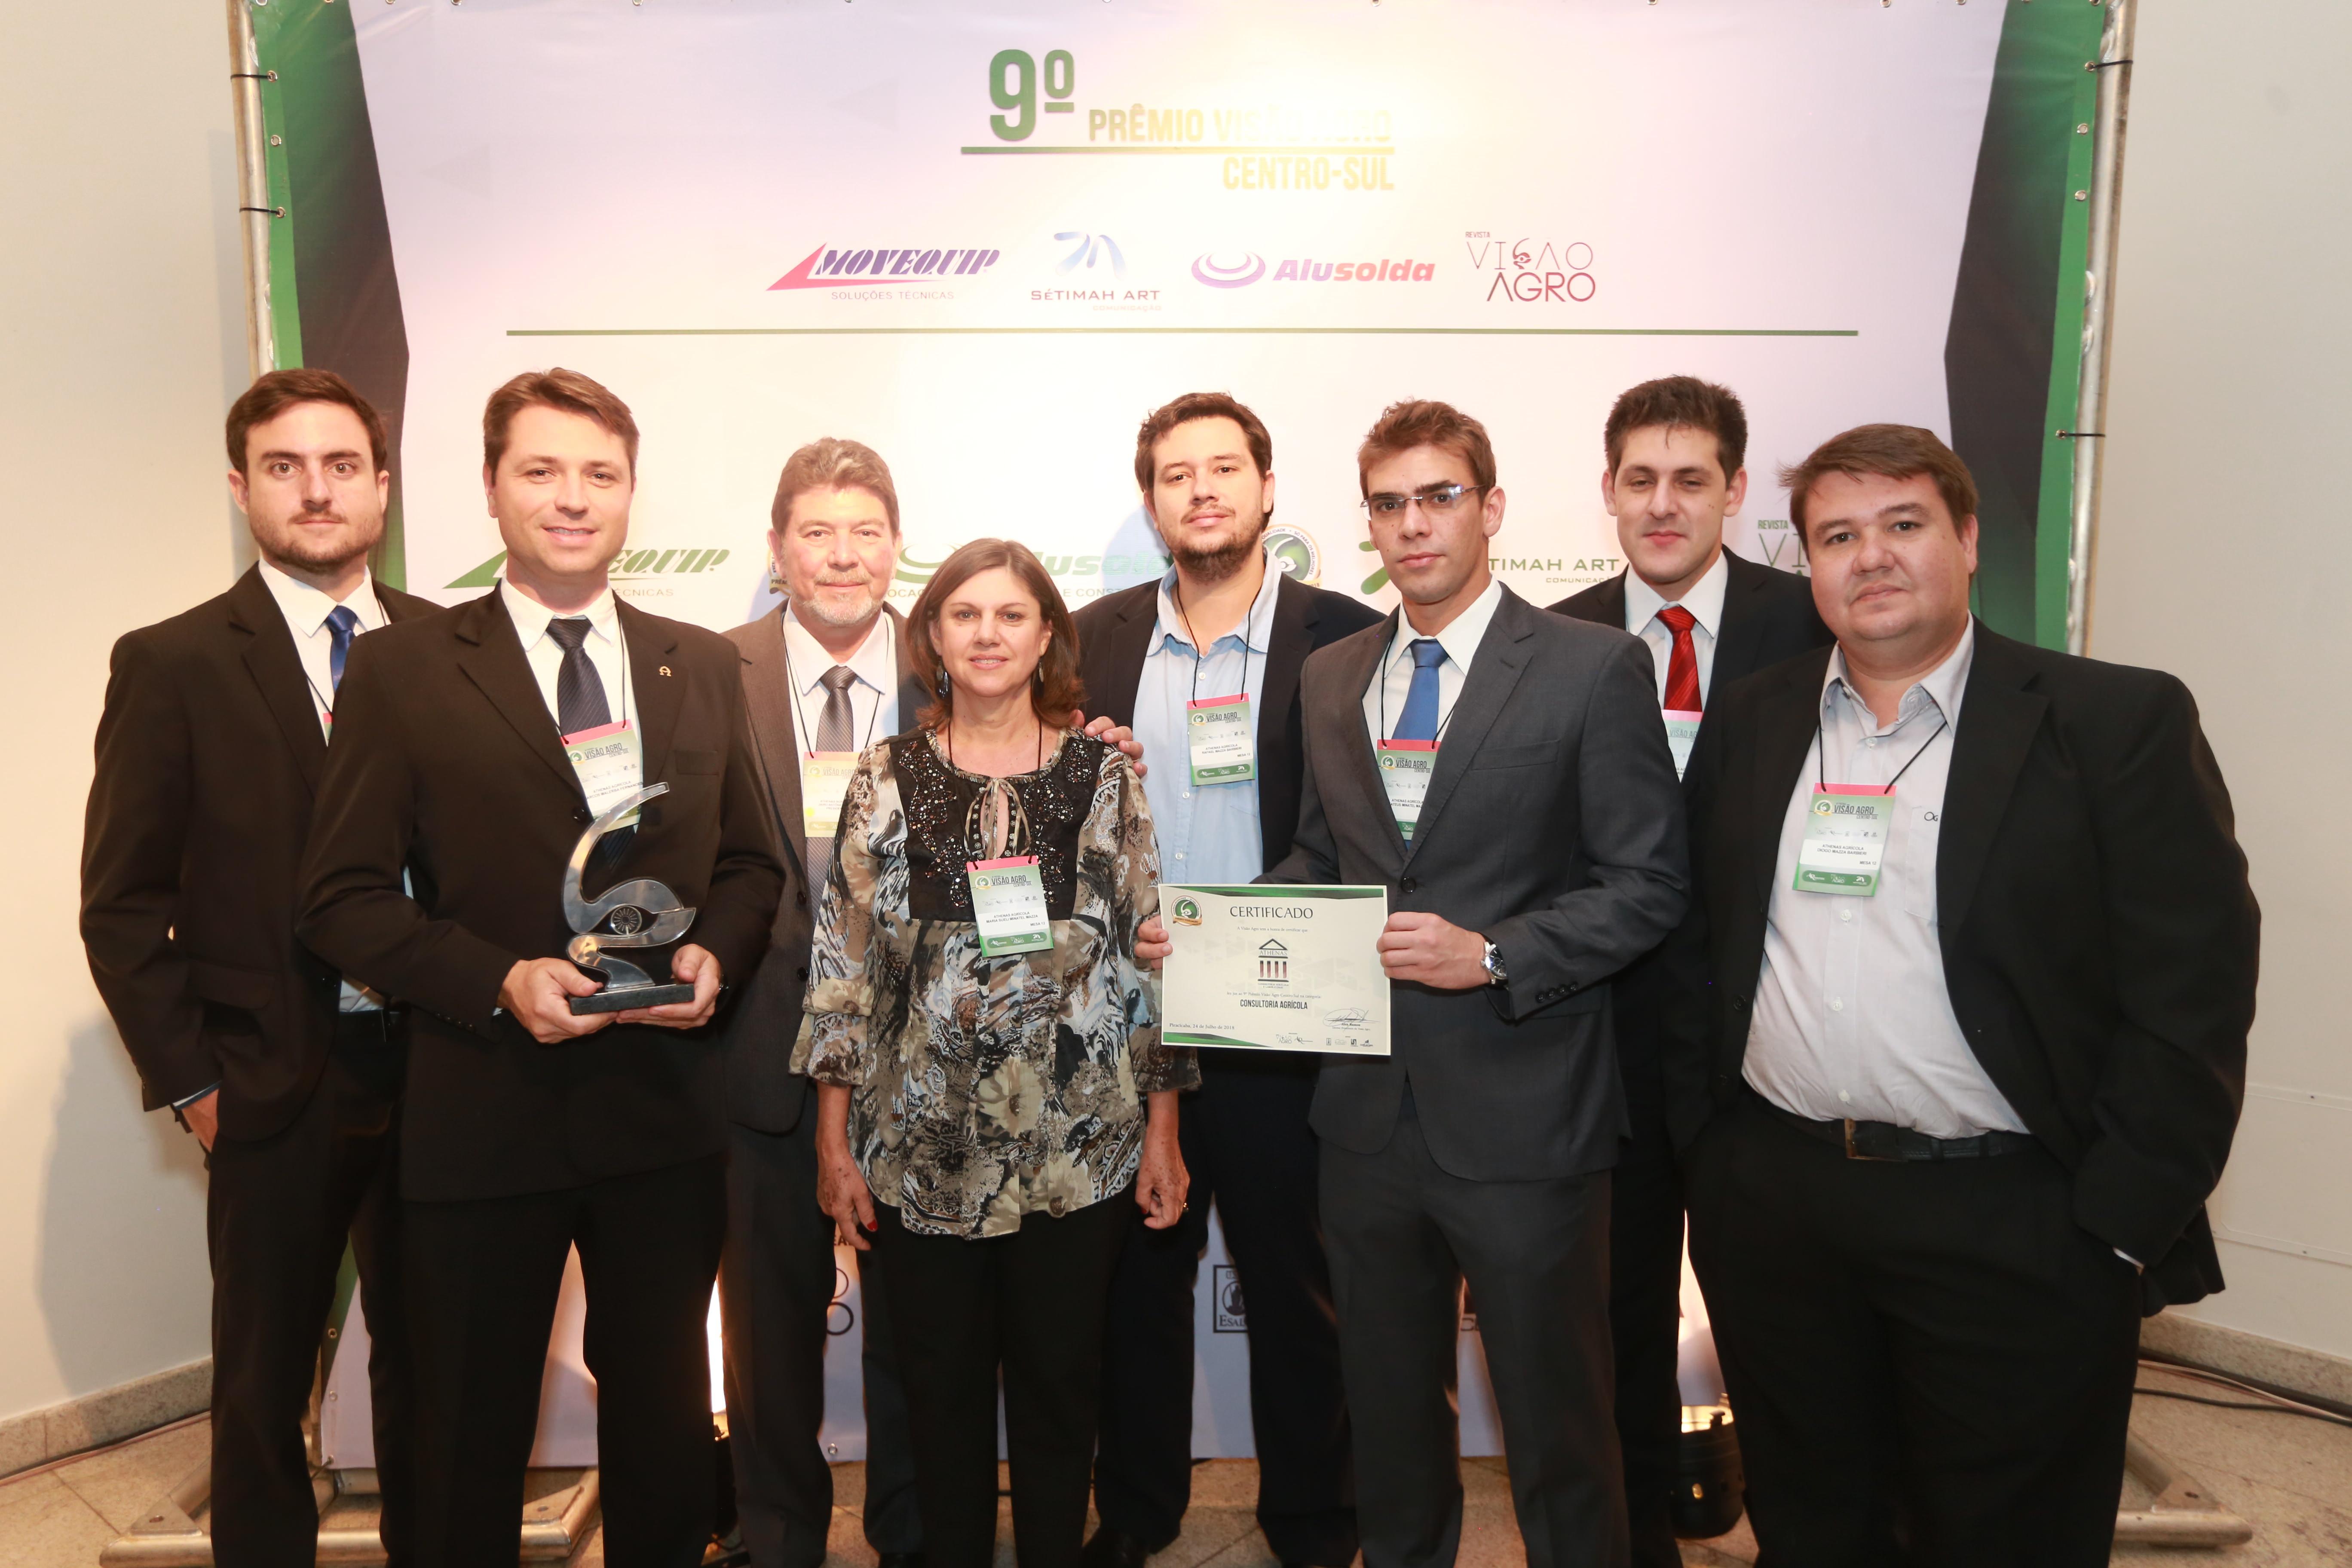 Prêmio de melhor Consultoria do Centro - Sul do Brasili